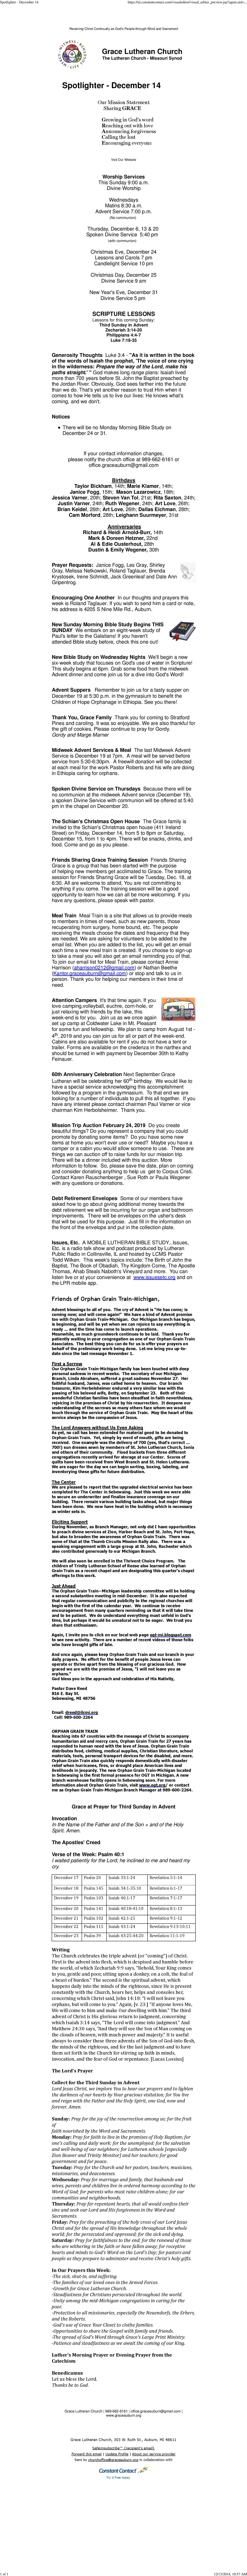 Spotlighter - December 14-page-001.jpg